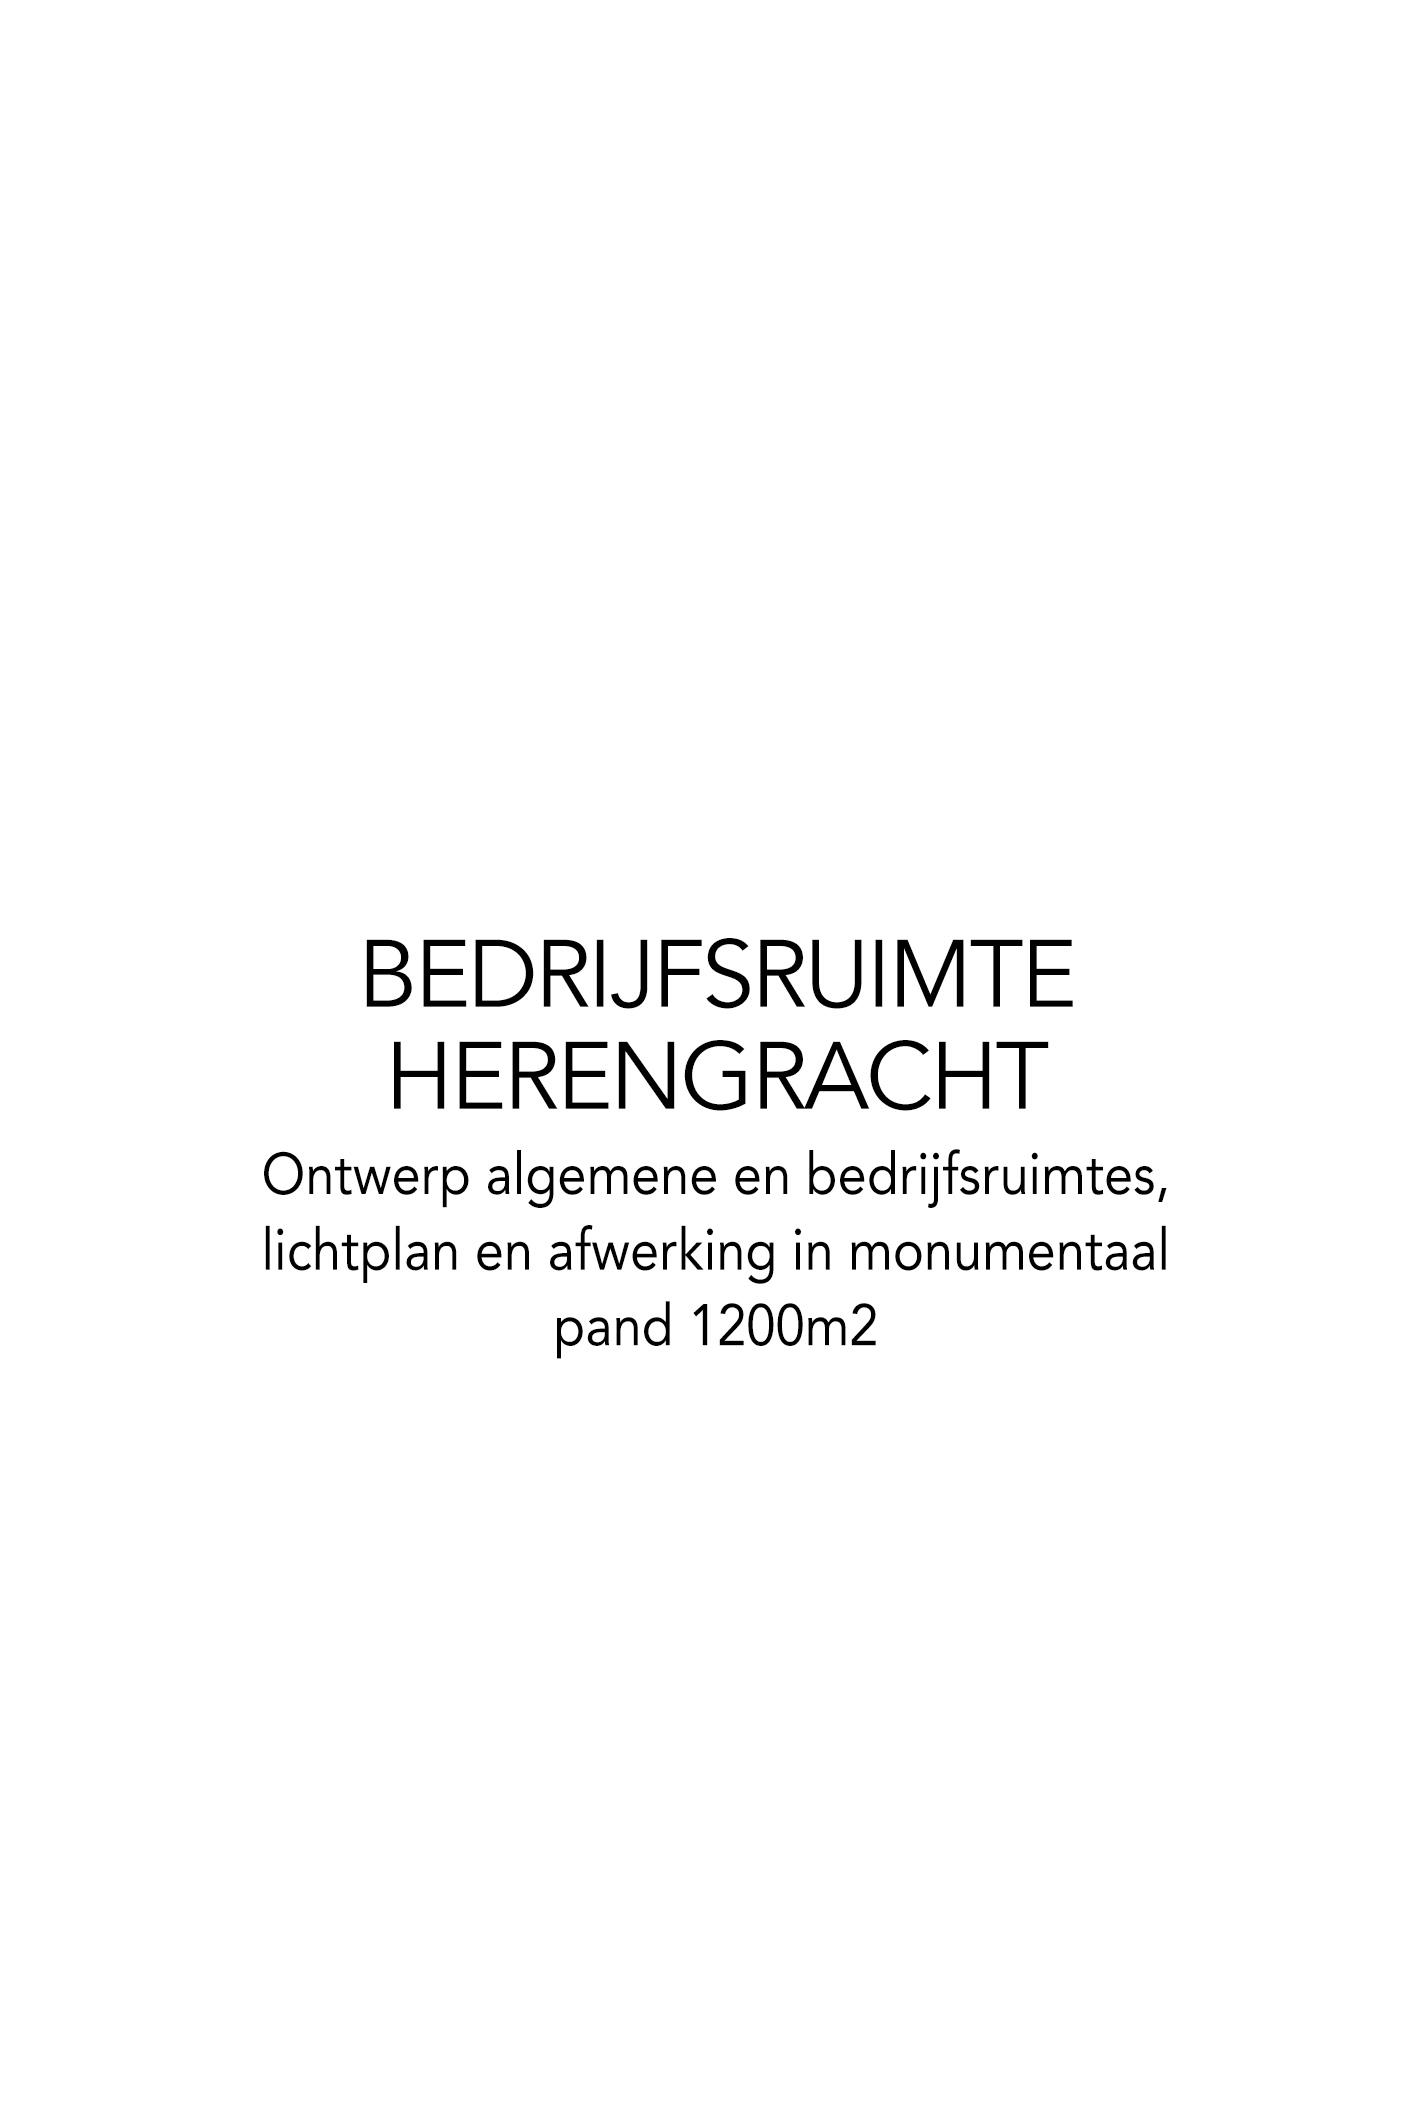 BEDRIJFSRUIMTE HERENGRACHT